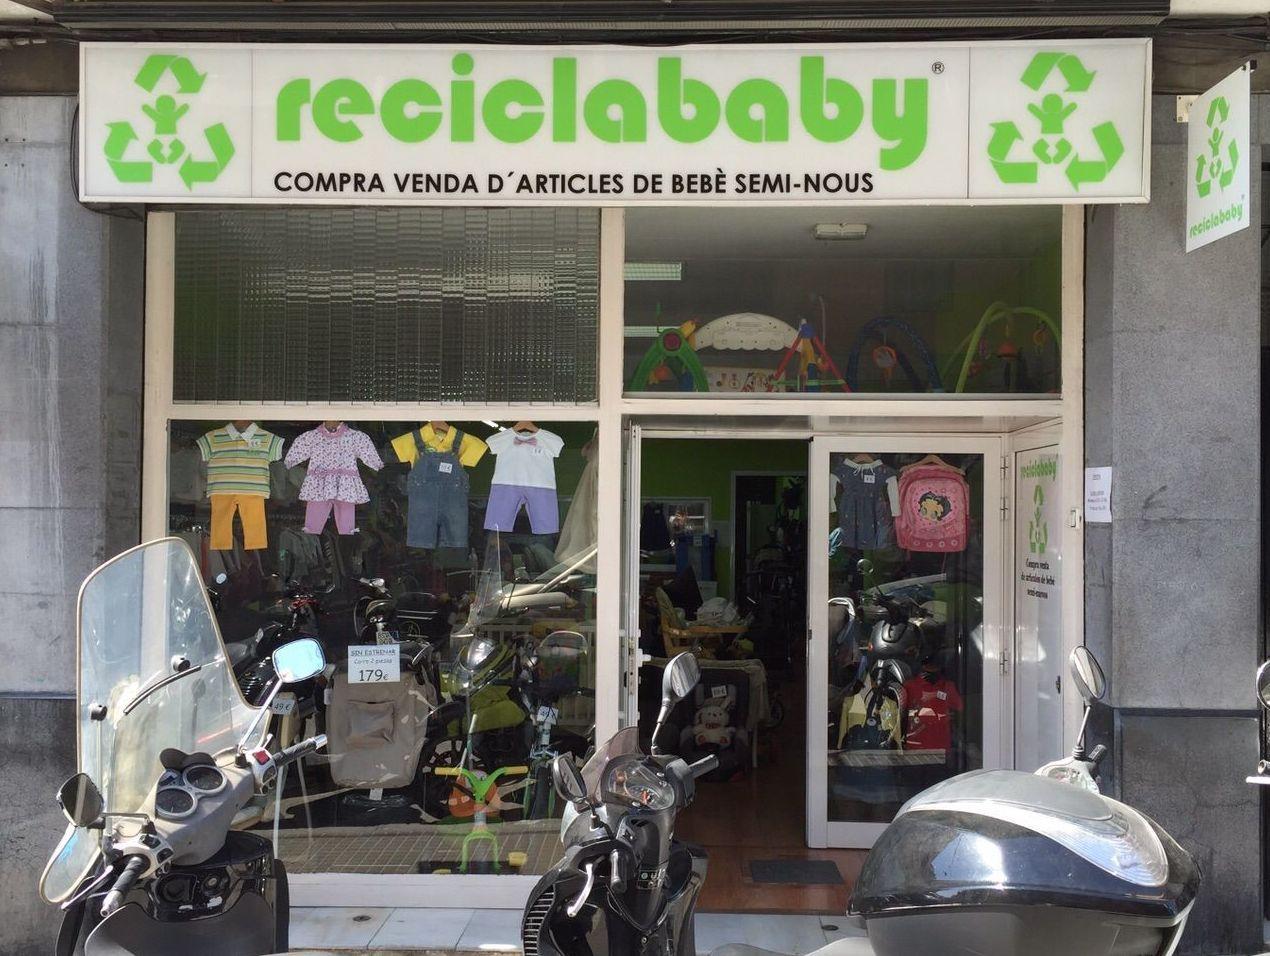 Hoza acogedora personales venta de articulos de bebe de - Decoracion de segunda mano ...